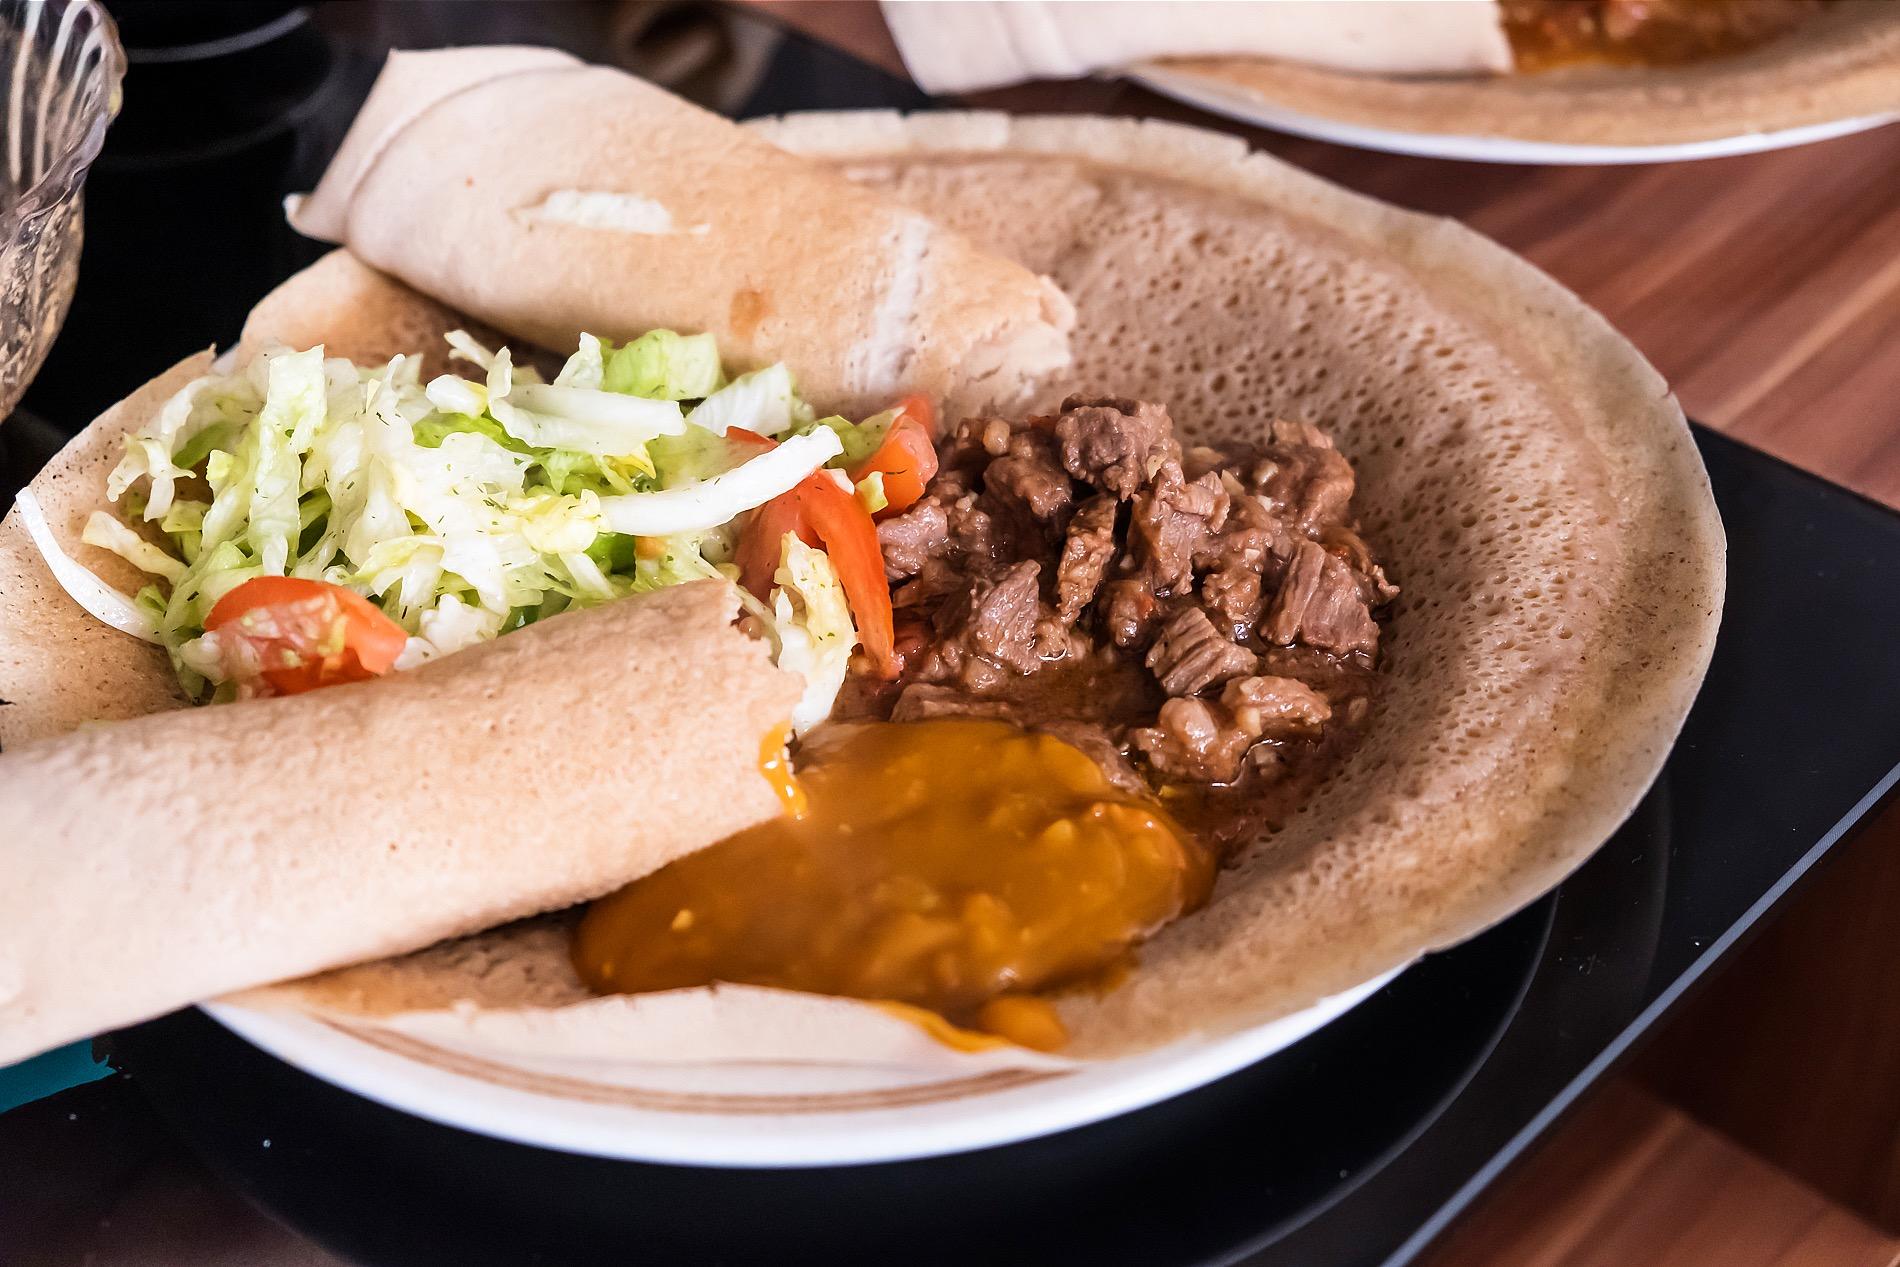 Foto mit angerichtetem Teller mit Fladen, Salat und Fleisch